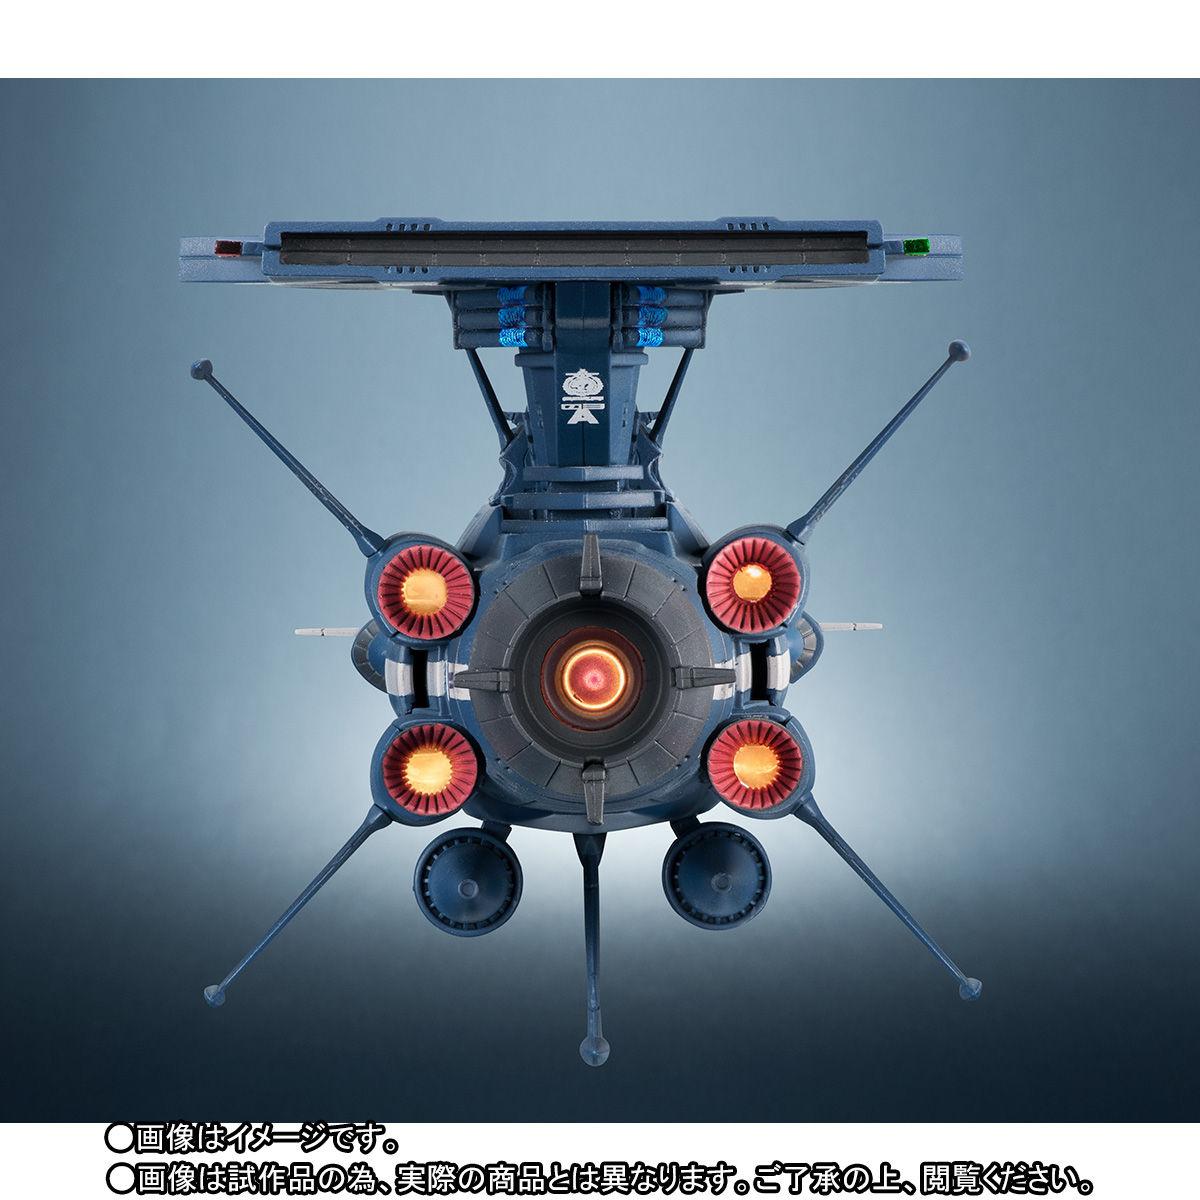 輝艦大全『地球連邦アンドロメダ級三番艦 アポロノーム 宇宙戦艦ヤマト2202』1/2000 完成品モデル-006